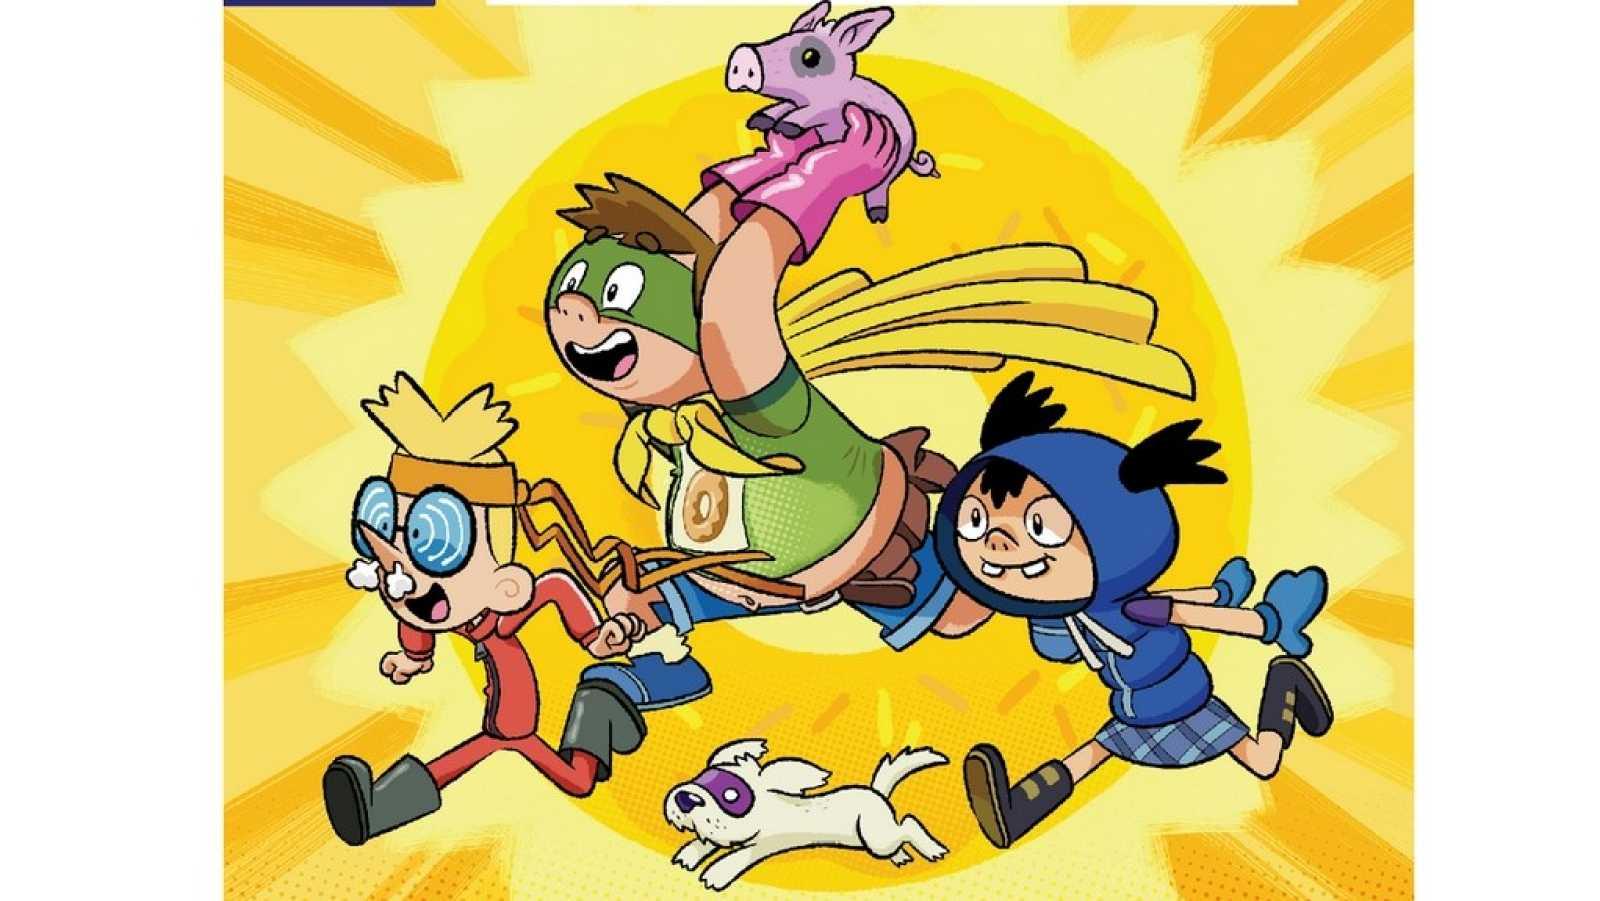 Viñetas y bocadillos - 'La pandilla del Capitán Mondongo' - 11/11/20 - Escuchar ahora